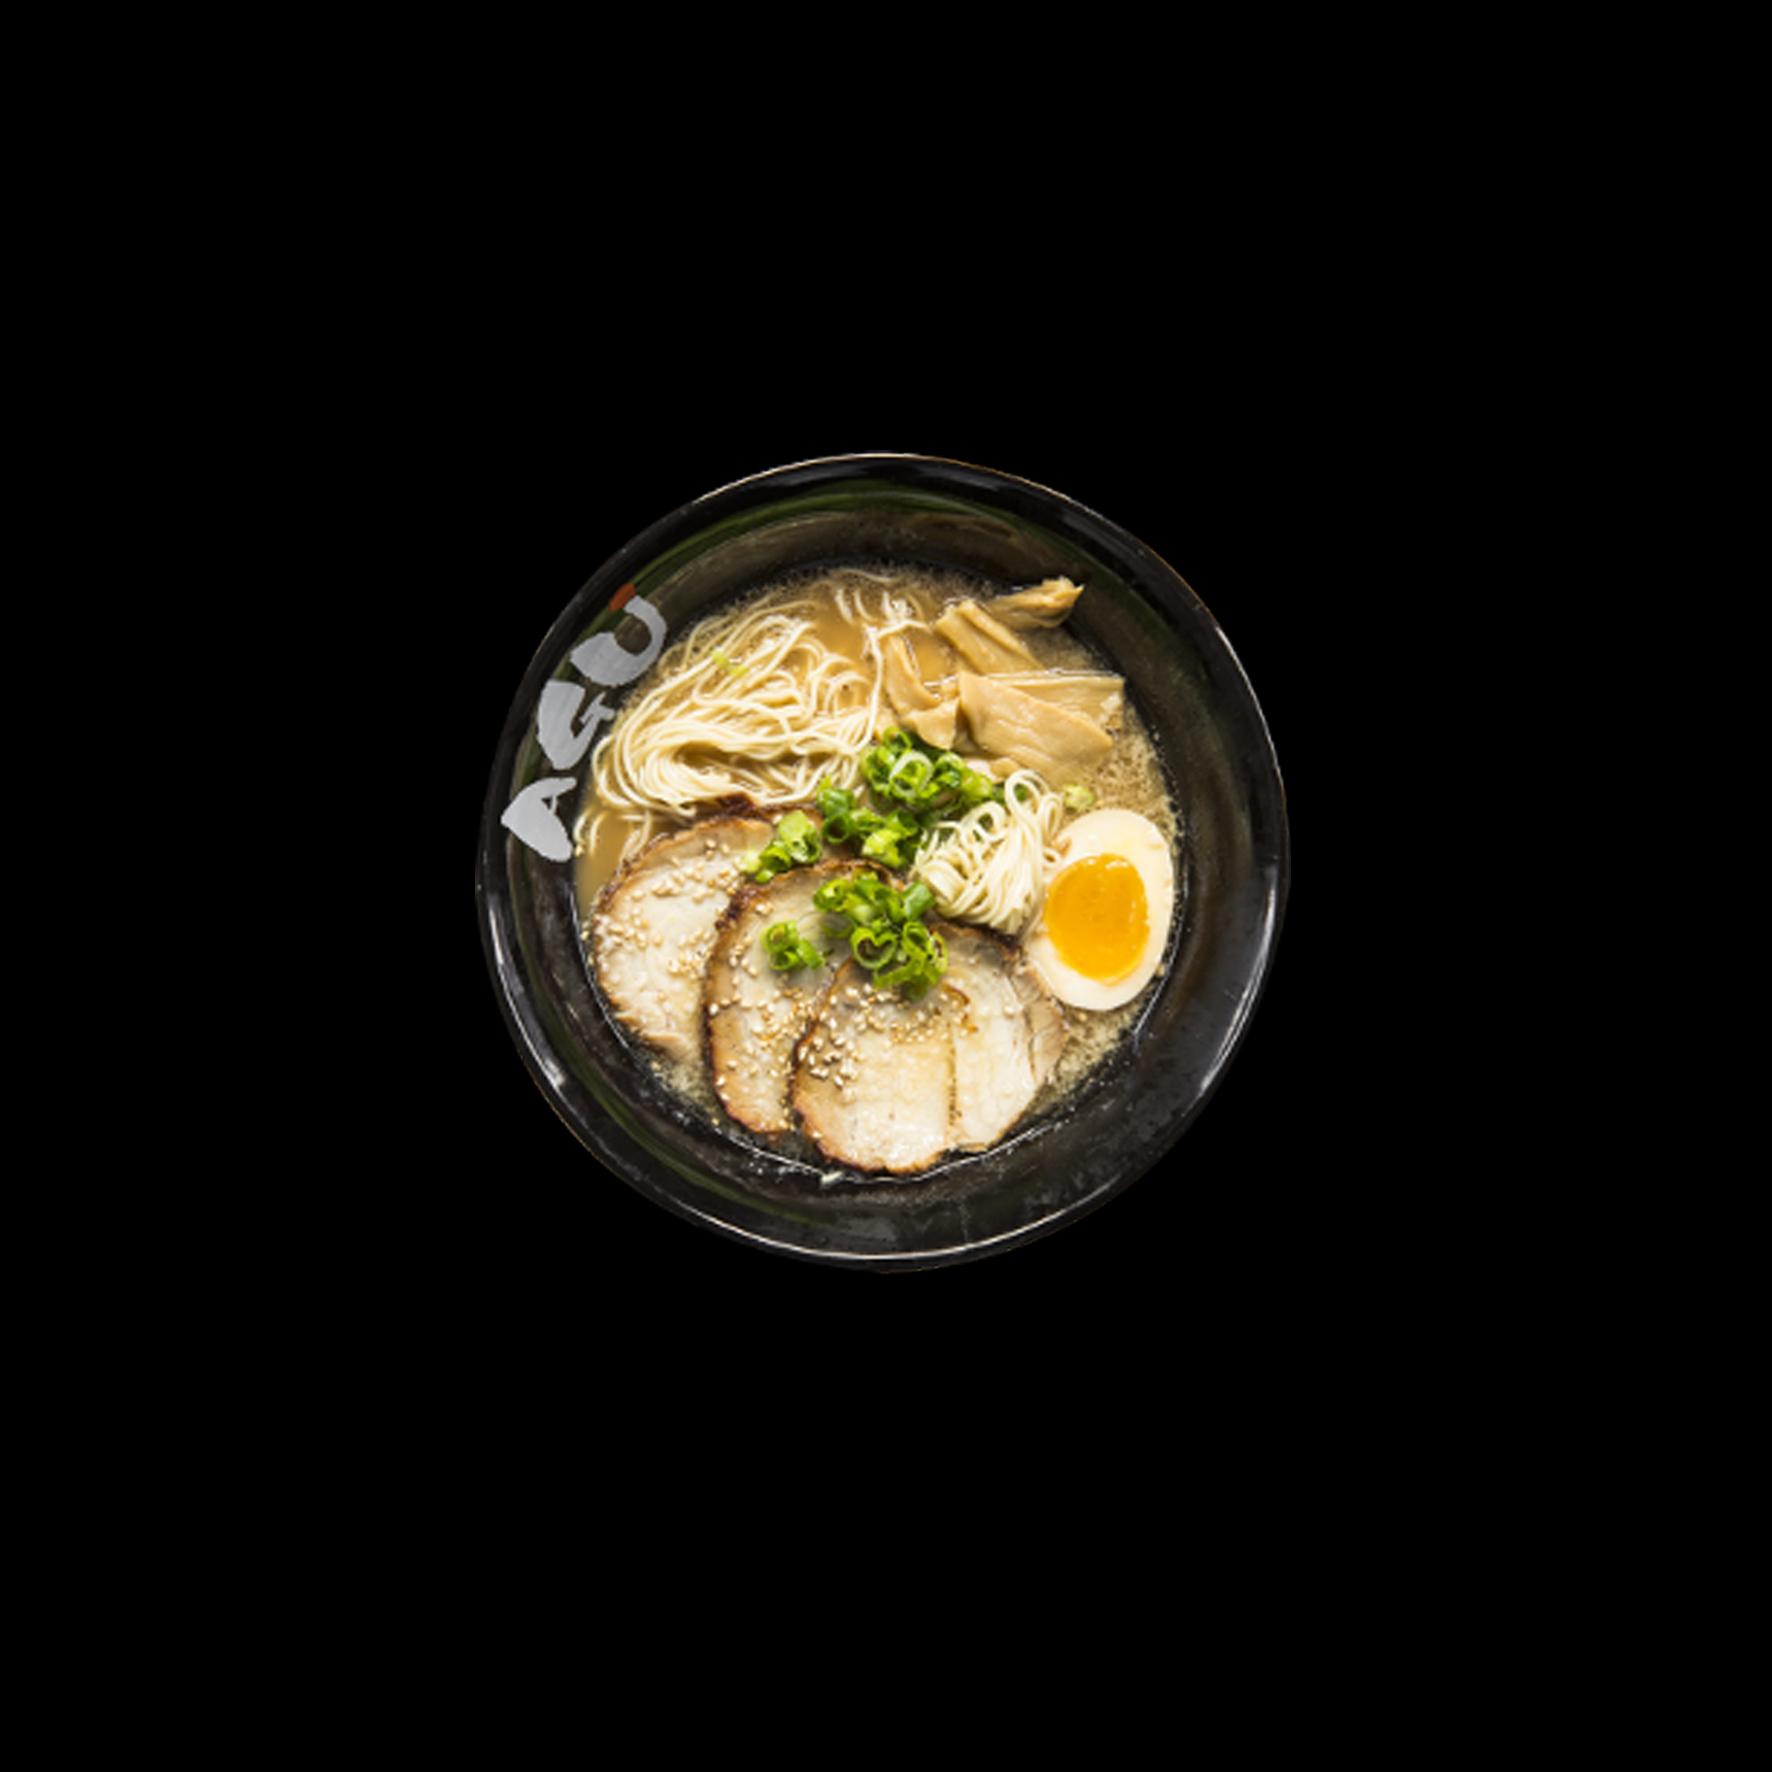 Tori ramen ukiyo sushi novate milano take away o domicilio